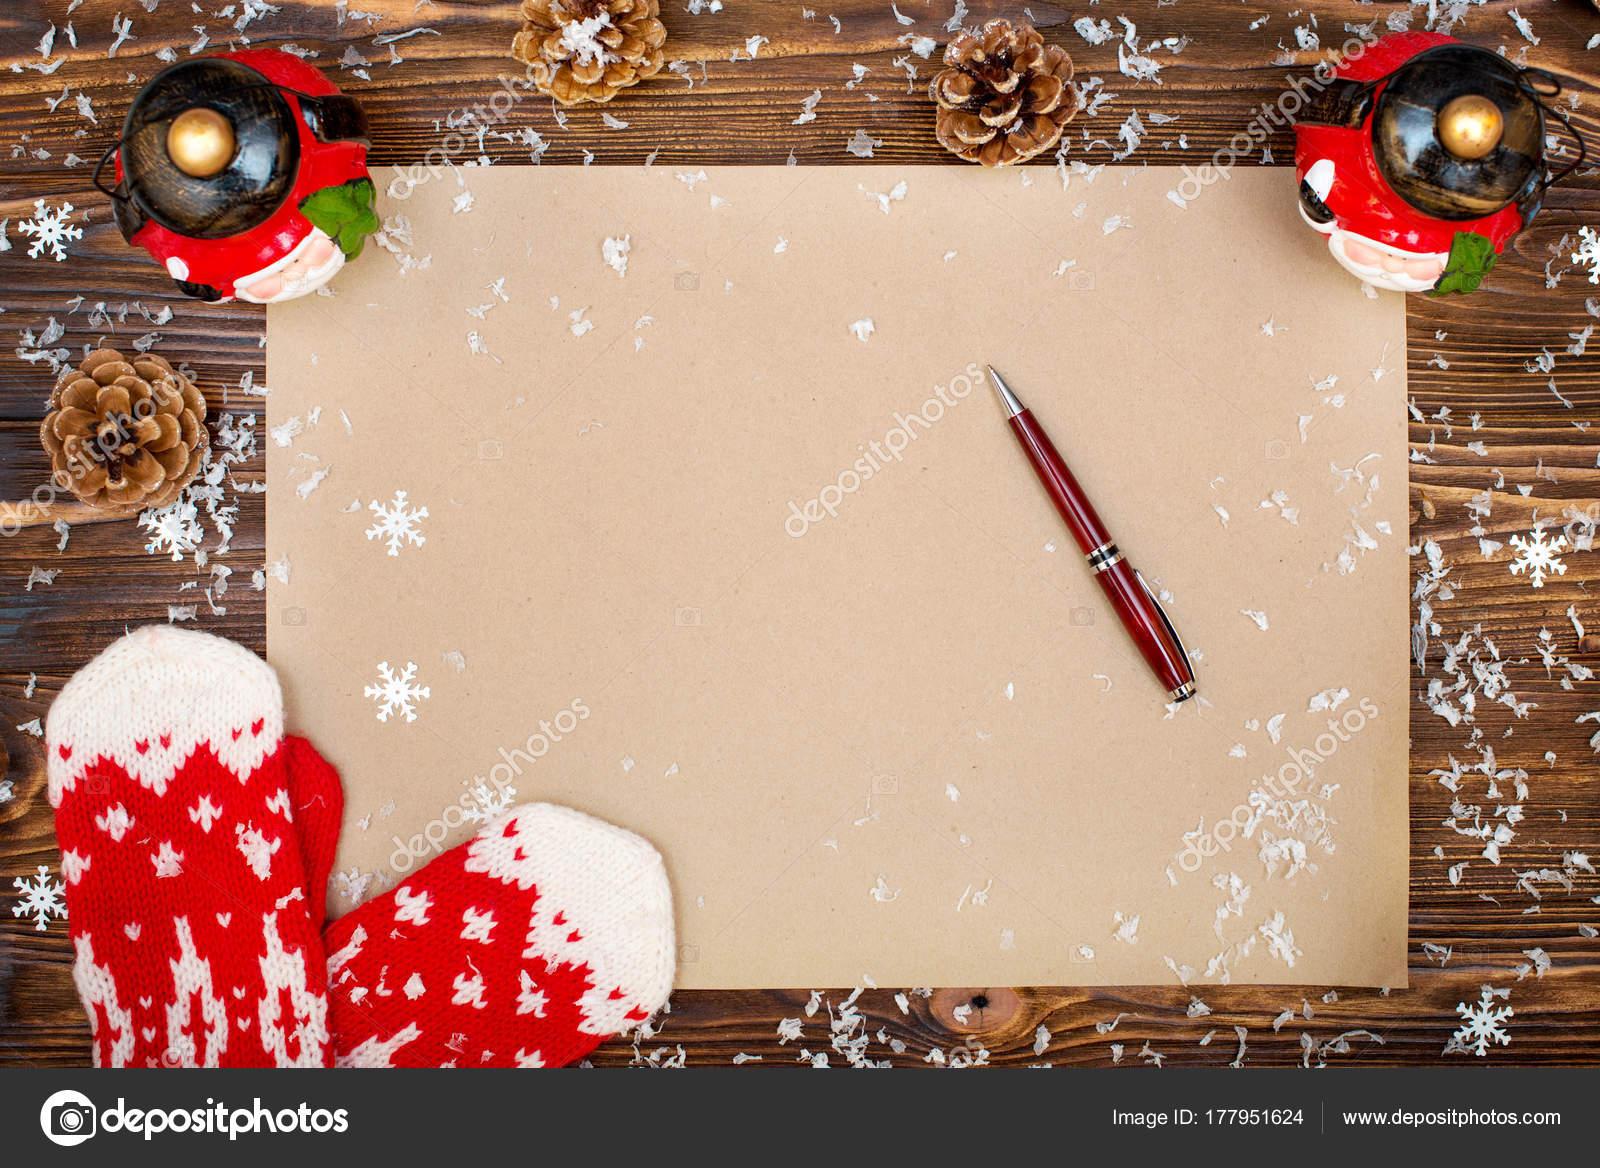 Carta De Felicitaciones De Navidad Y Ano Nuevo.Fondo Navidad Papel Kraft Con Espacio Copia Para